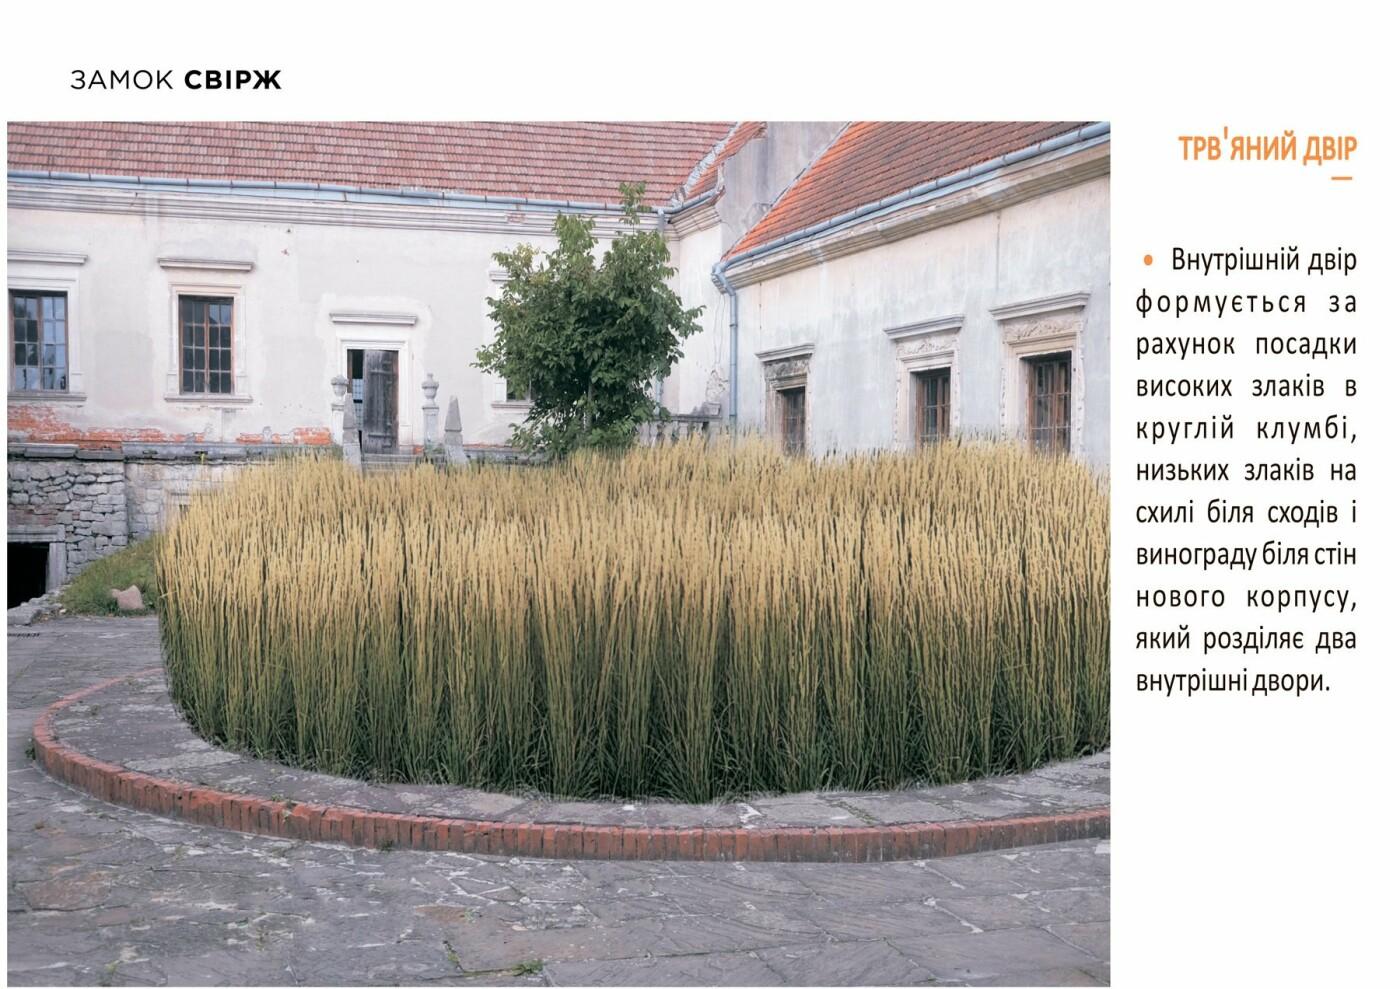 Свірзький замок: як планують ревіталізувати 500-річну пам'ятку, фото-4